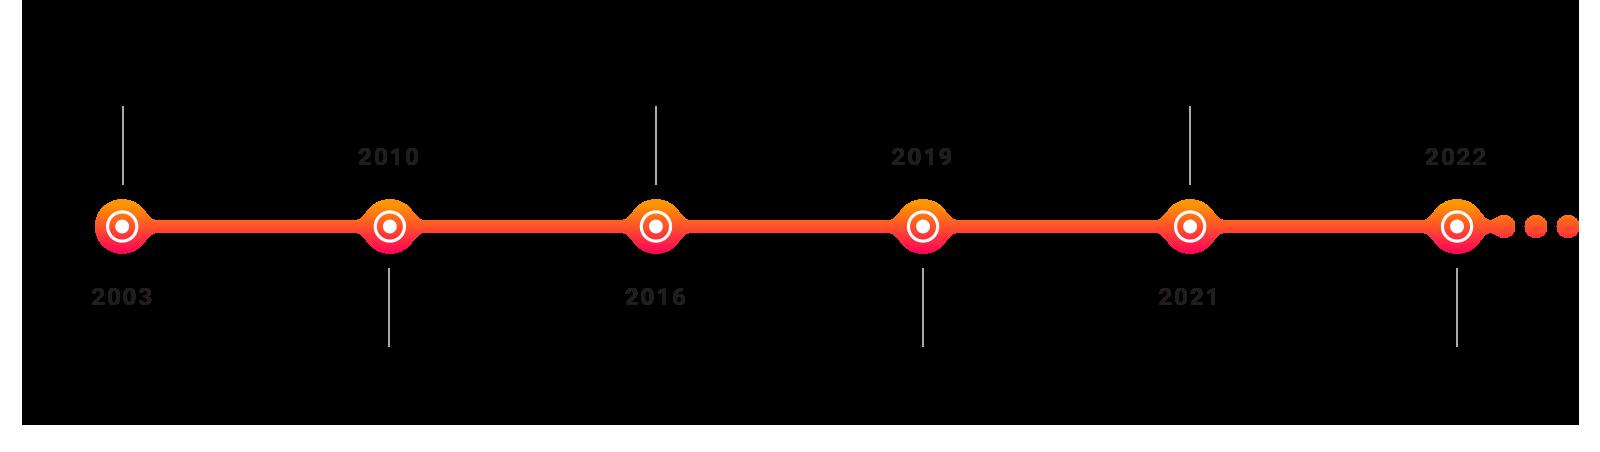 Digital Samba's journey over the years